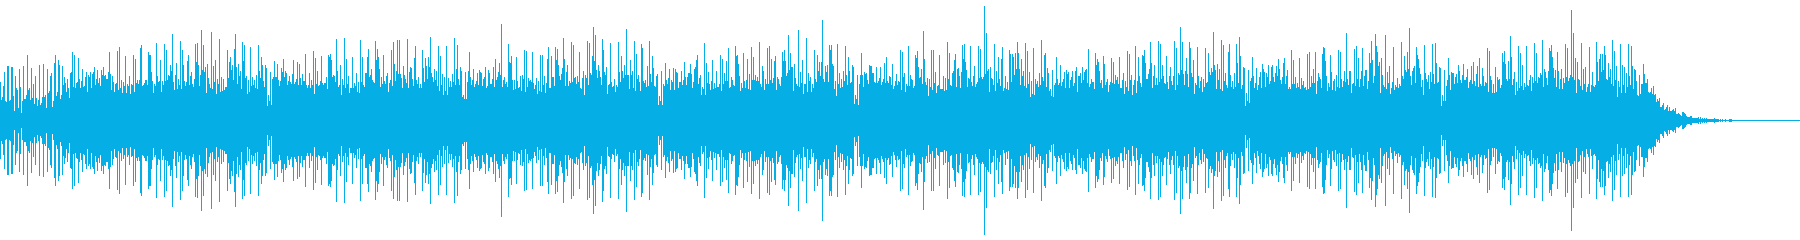 レトロPCゲーム調STGBGMの再生済みの波形